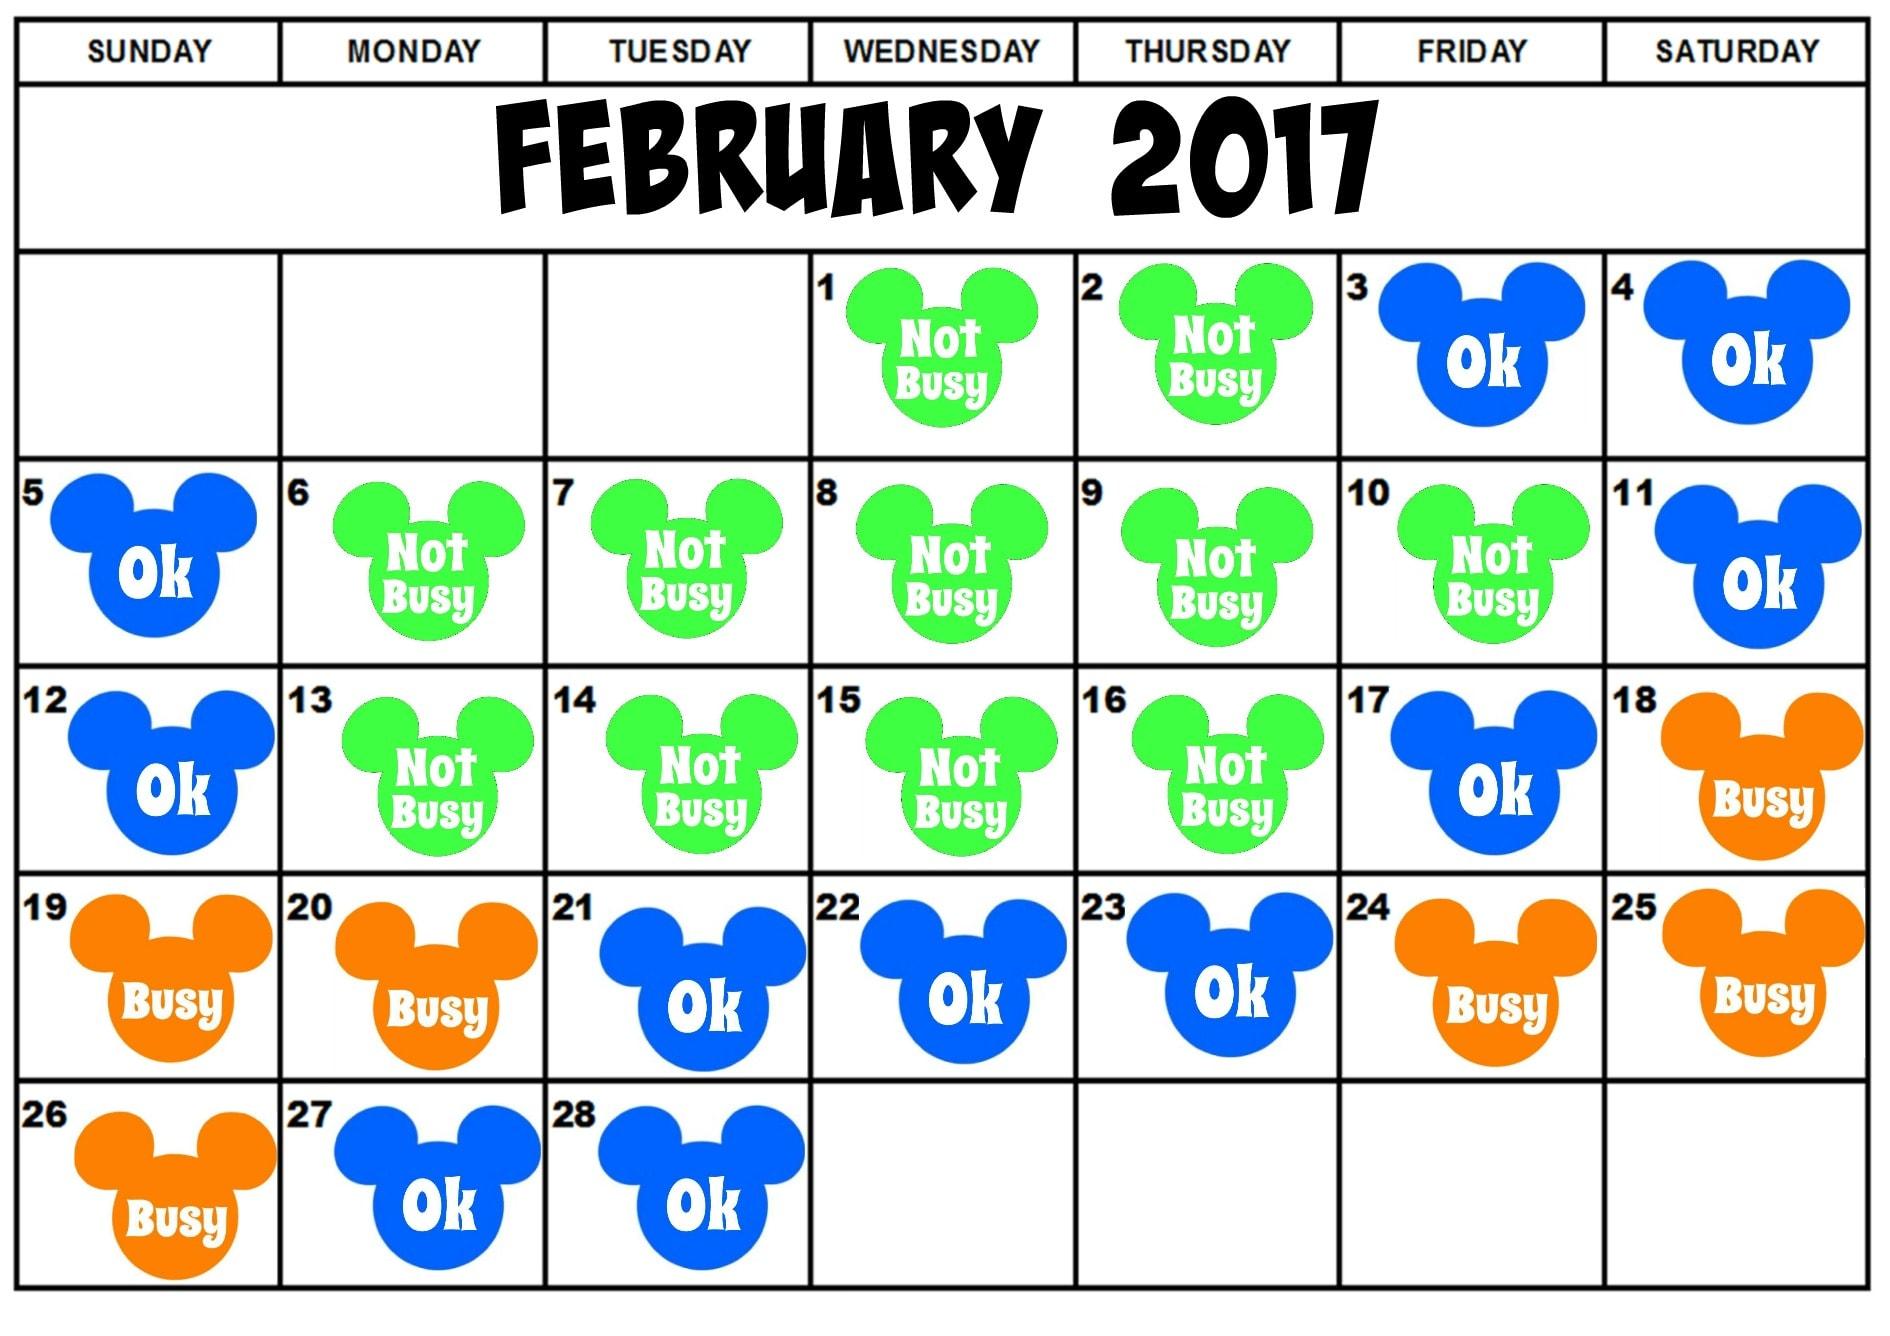 WDW Crowd Calendar February 2017